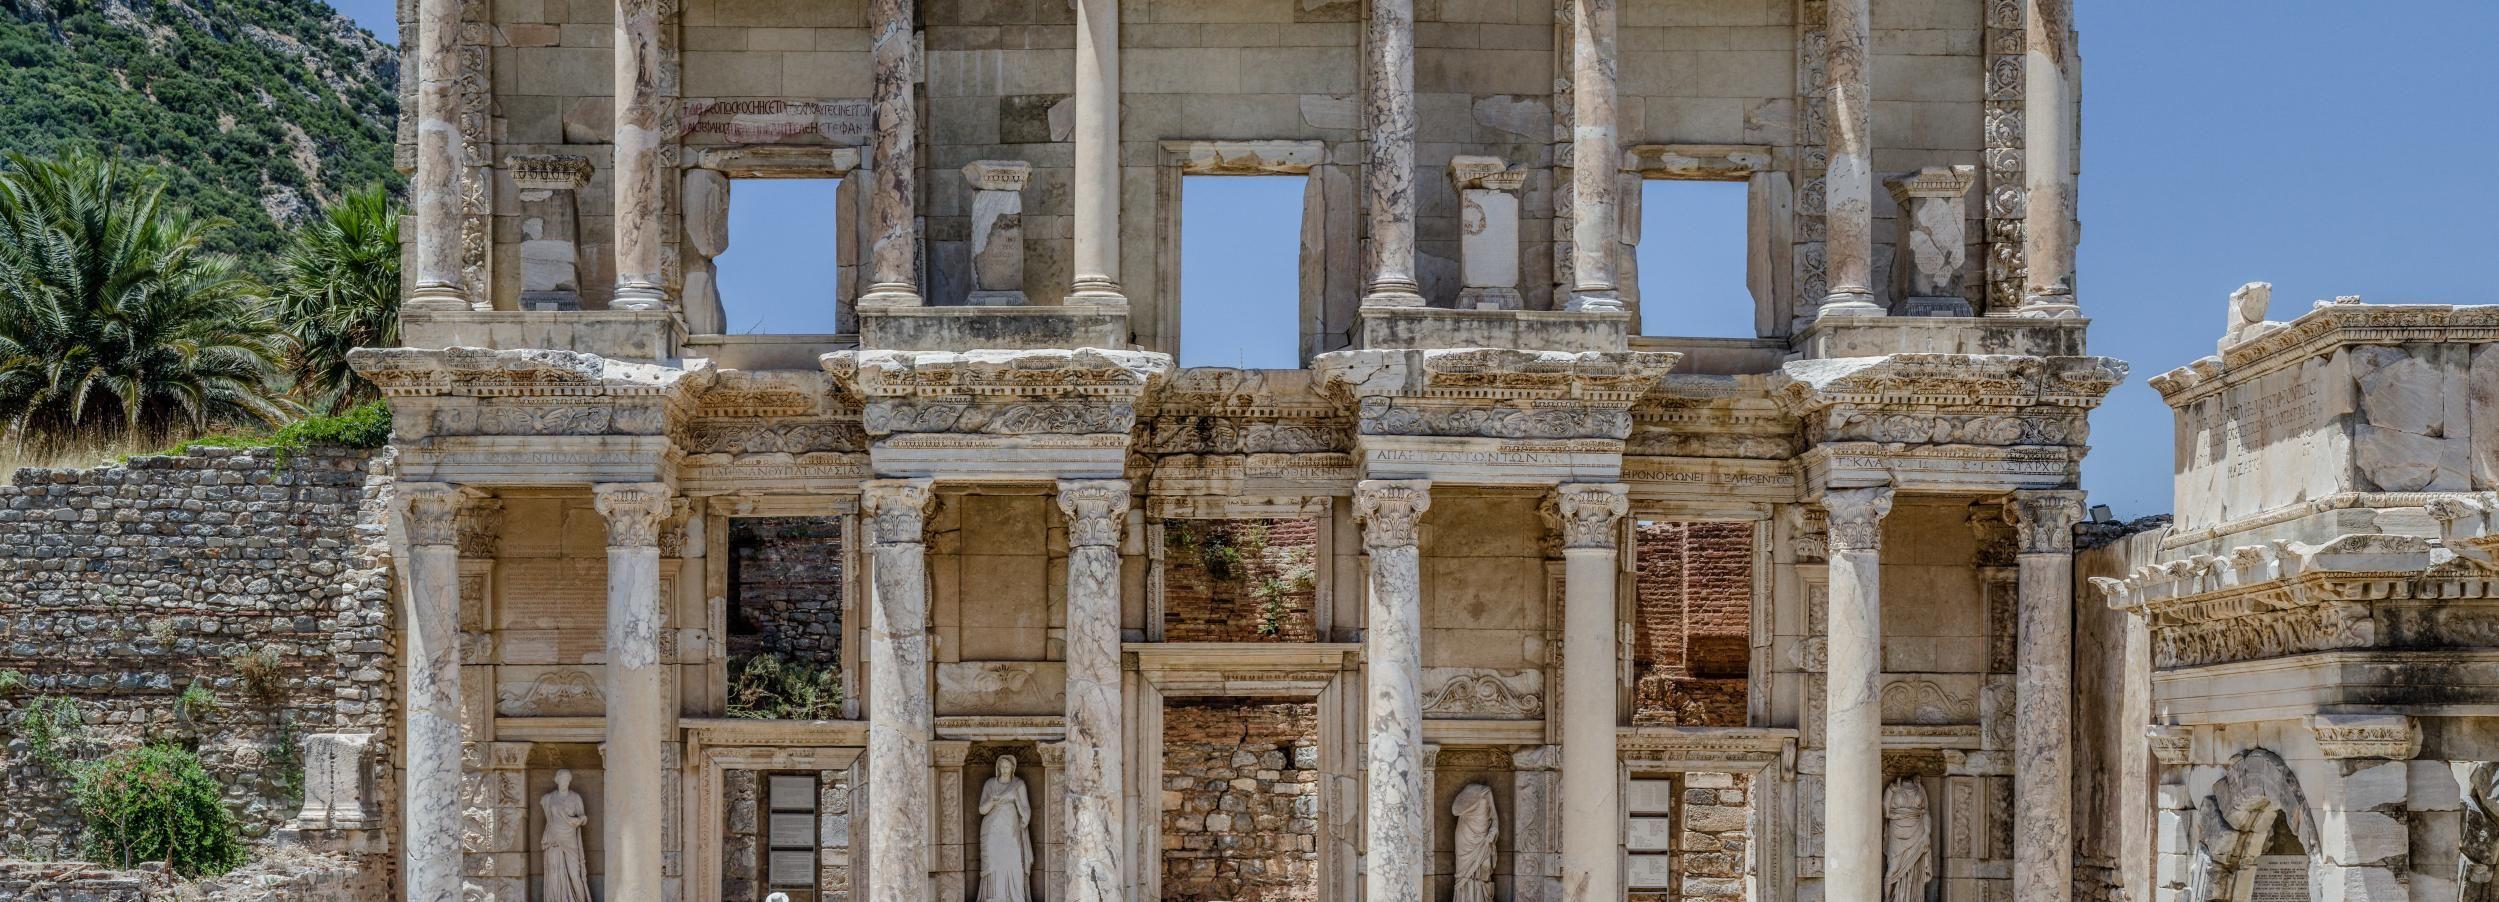 Ephesus to Pamukkale, Konya and Cappadocia Tour (Private)